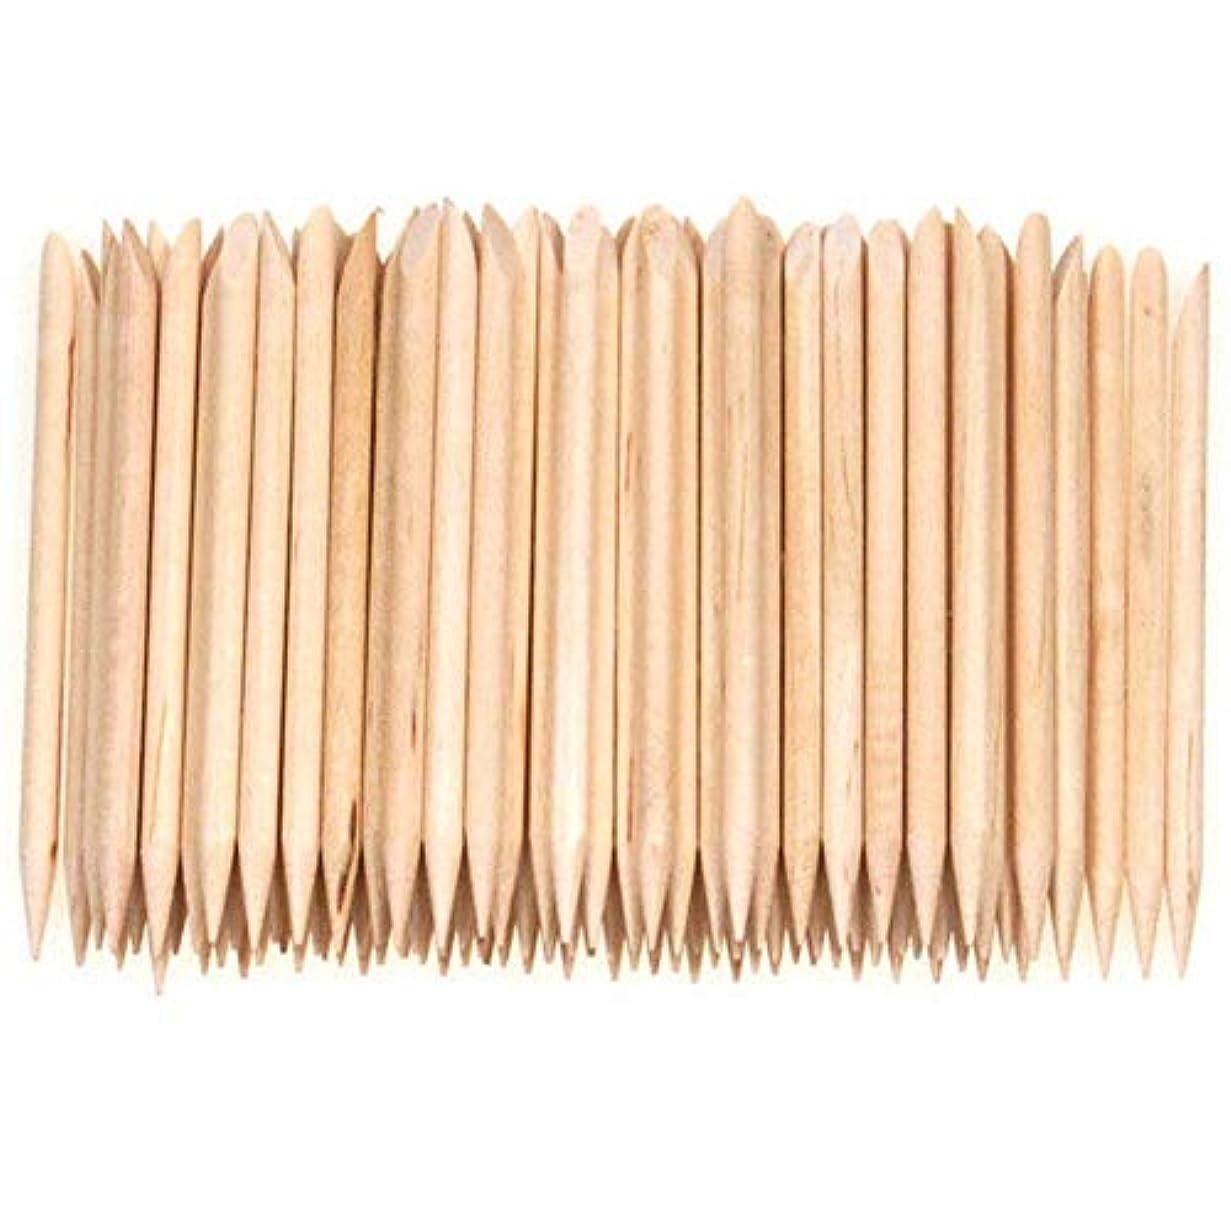 かすれた周辺クライストチャーチSemoic 100個ネイルアートデザイン木製の棒キューティクルプッシャーリムーバーマニキュアケア